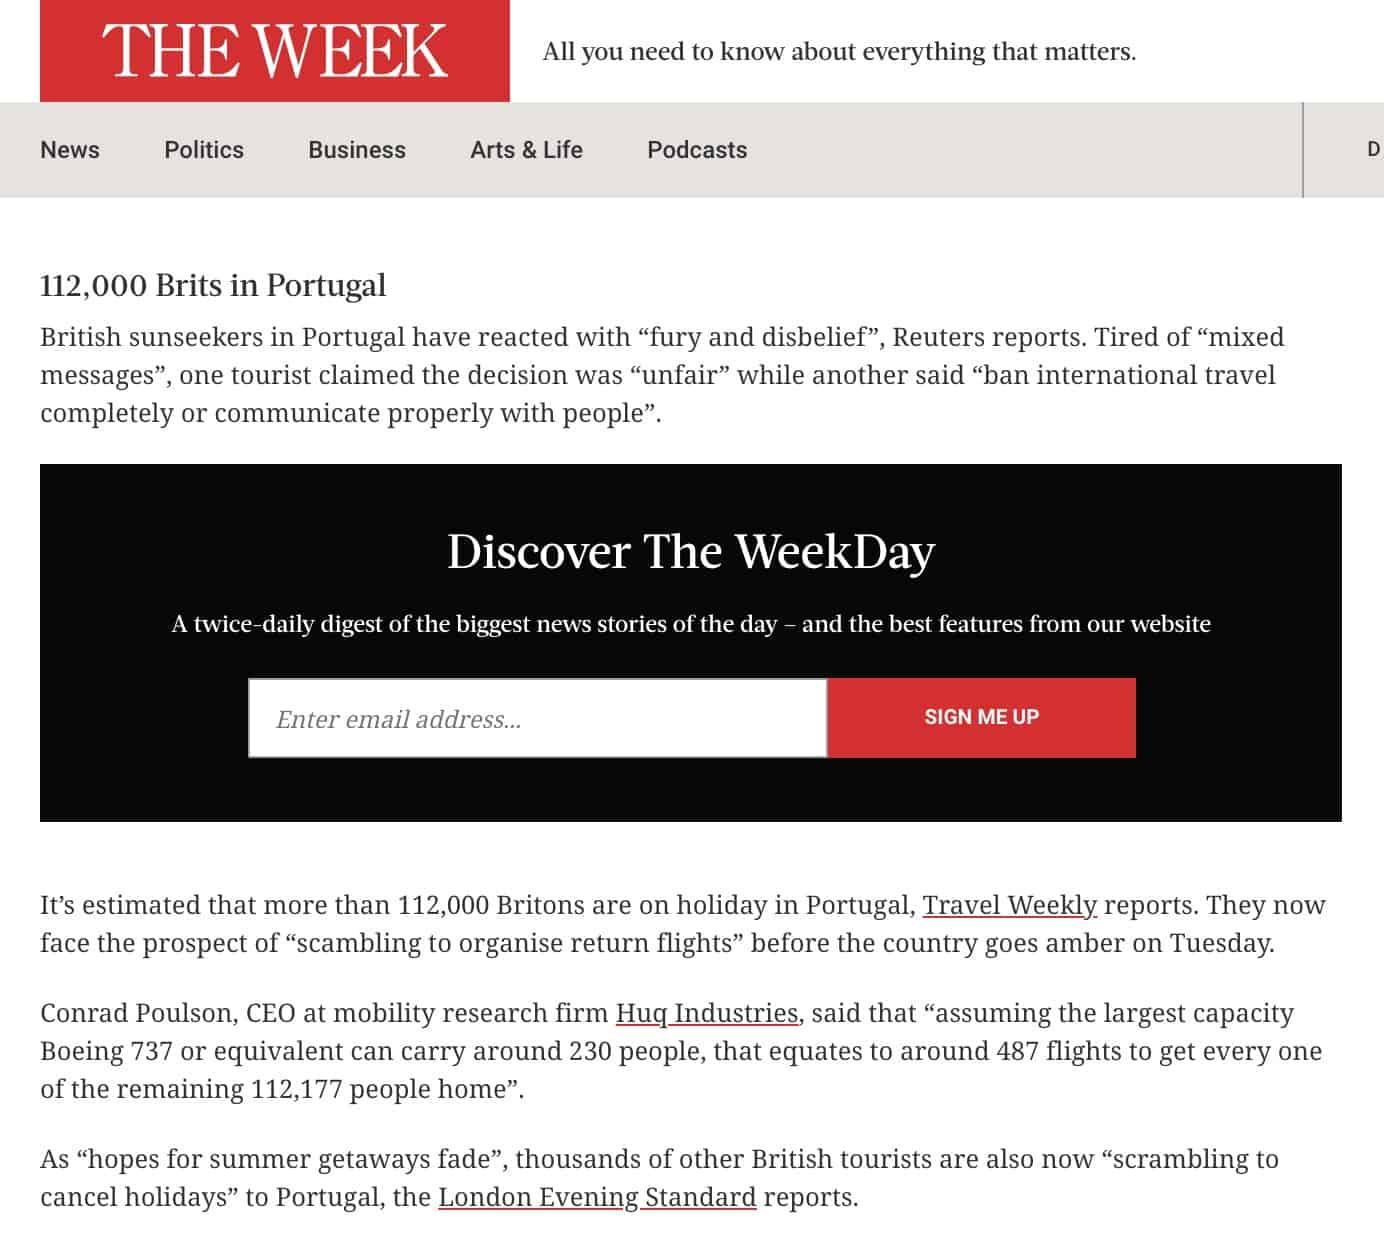 The Week Huq Coverage